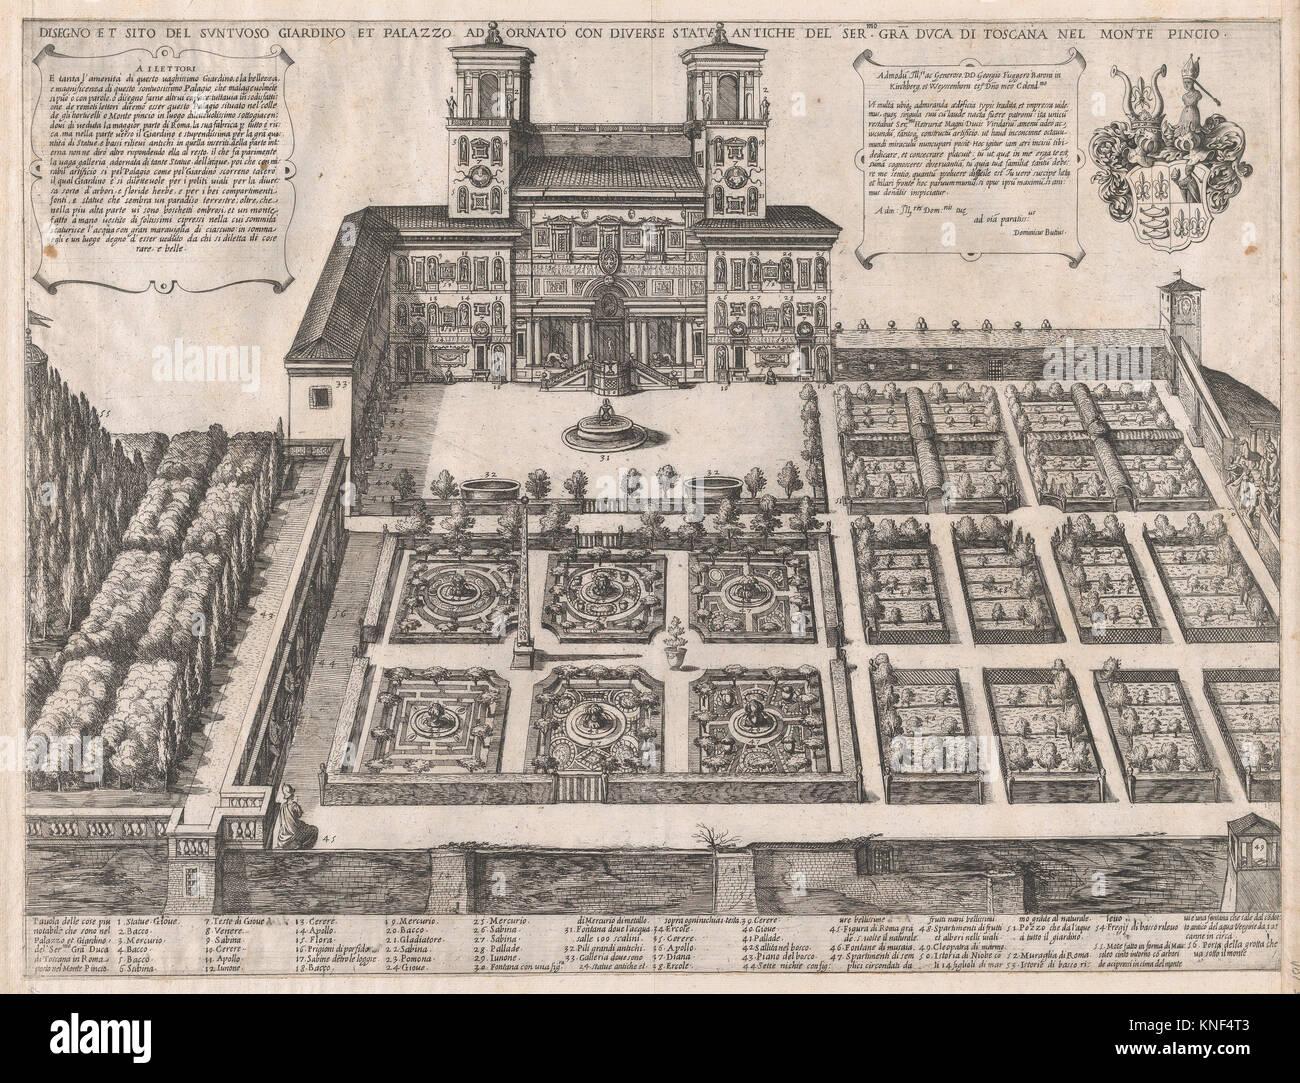 Speculum Romanae Magnificentiae: Monte Pincio Palace and Gardens. Series/Portfolio: Speculum Romanae Magnificentiae; - Stock Image